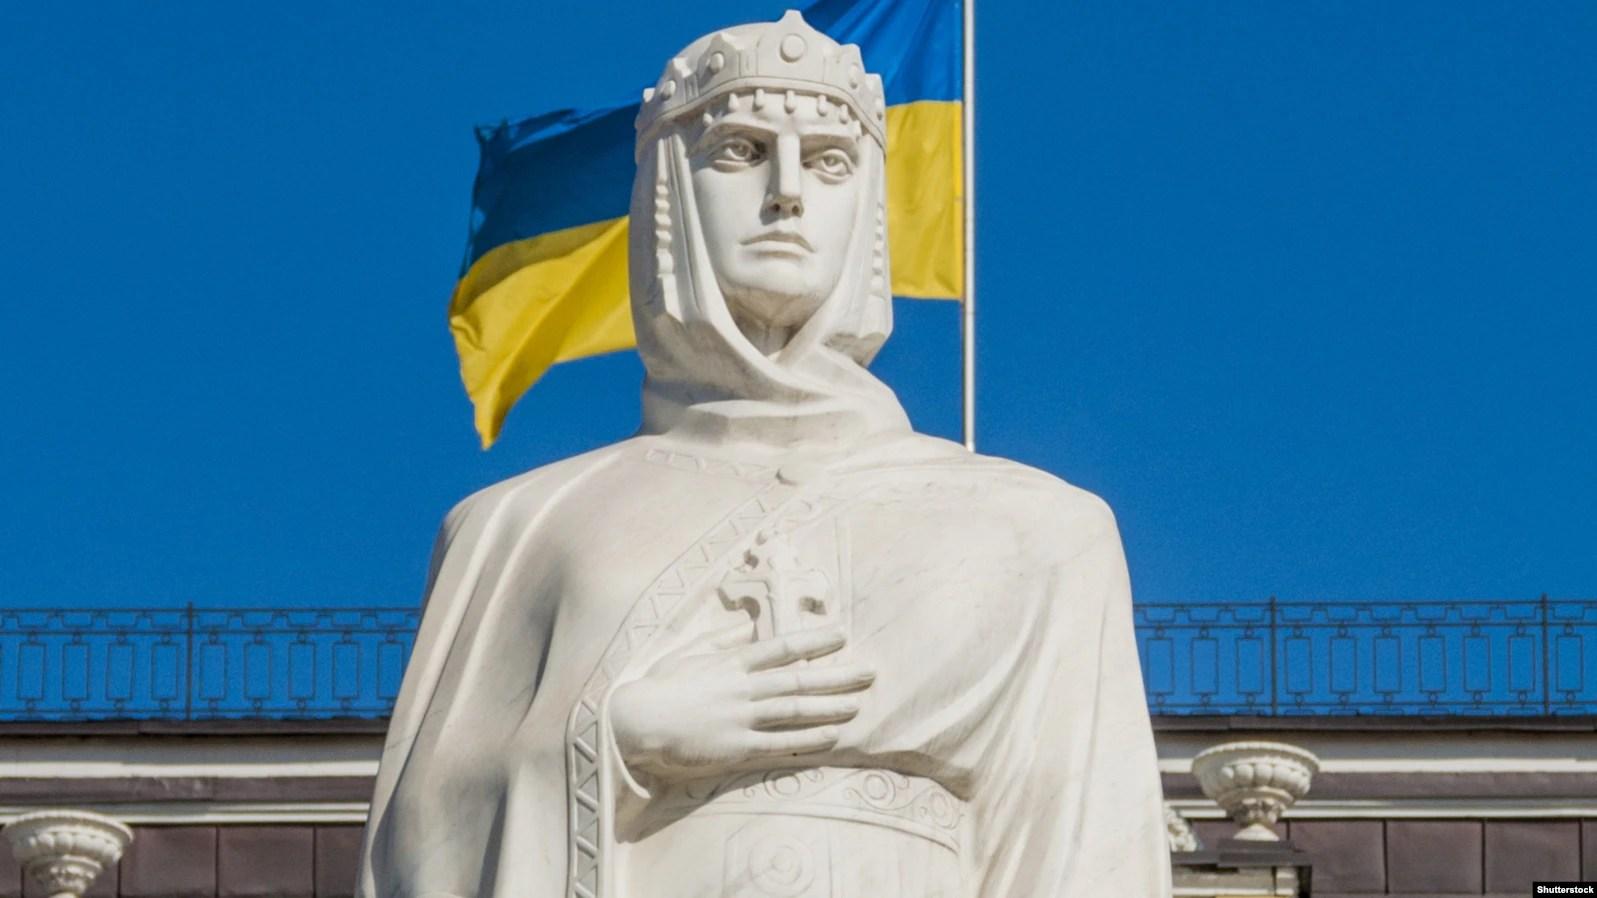 Київ. Пам'ятник правительці періоду України-Русі, Київській княгині Ользі, яка у 957 році прийняла християнство, відвідавши Константинополь